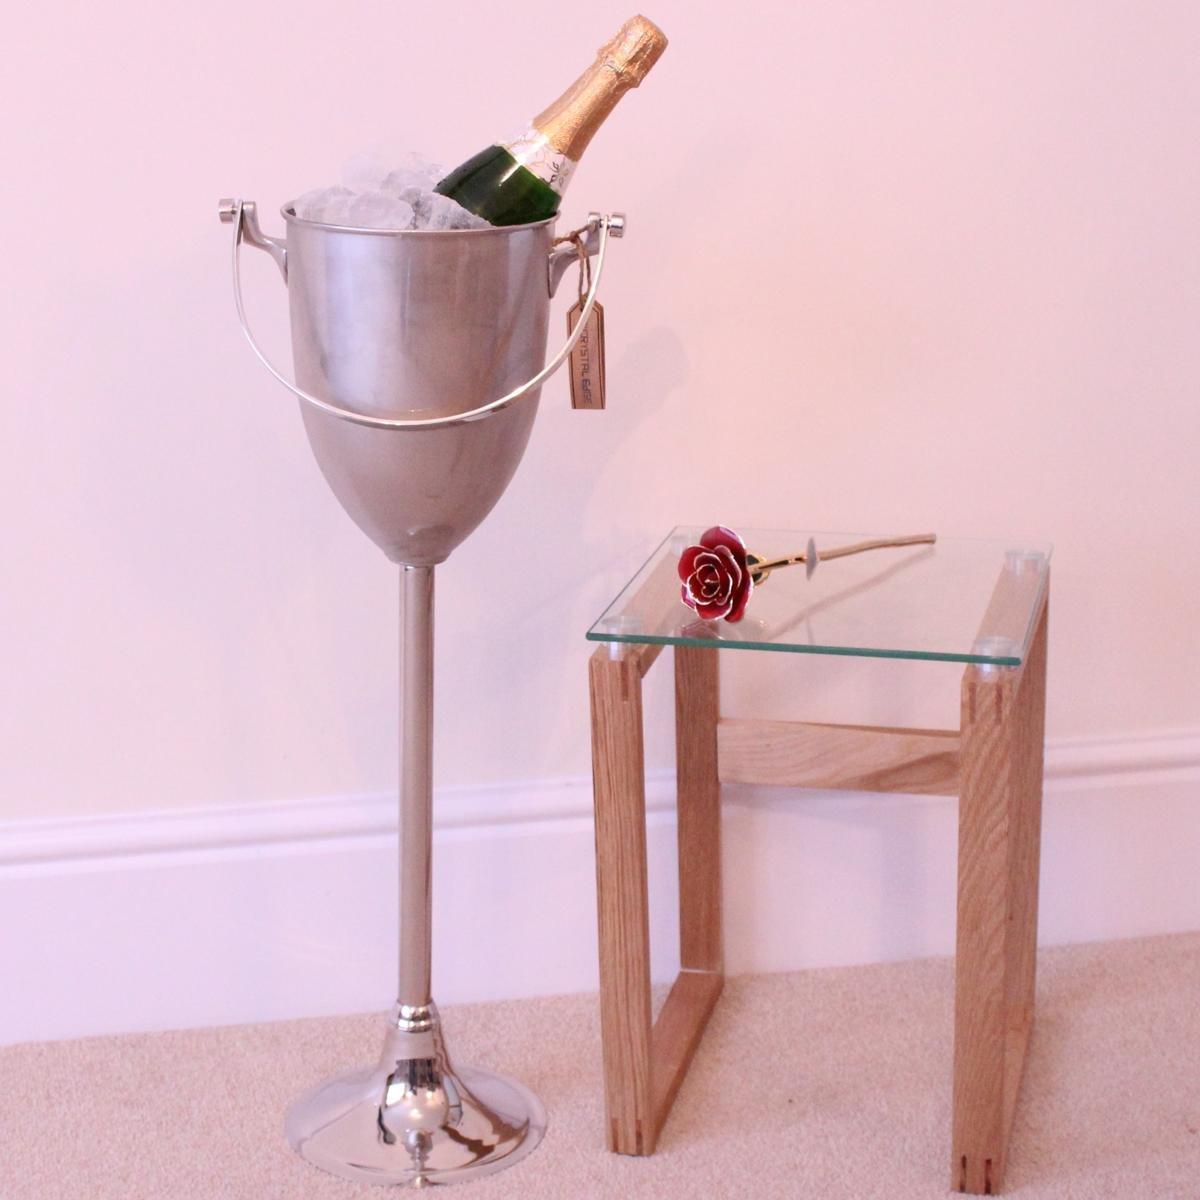 Nickel Plated Floor Standing Wine Cooler/Champagne Bucket